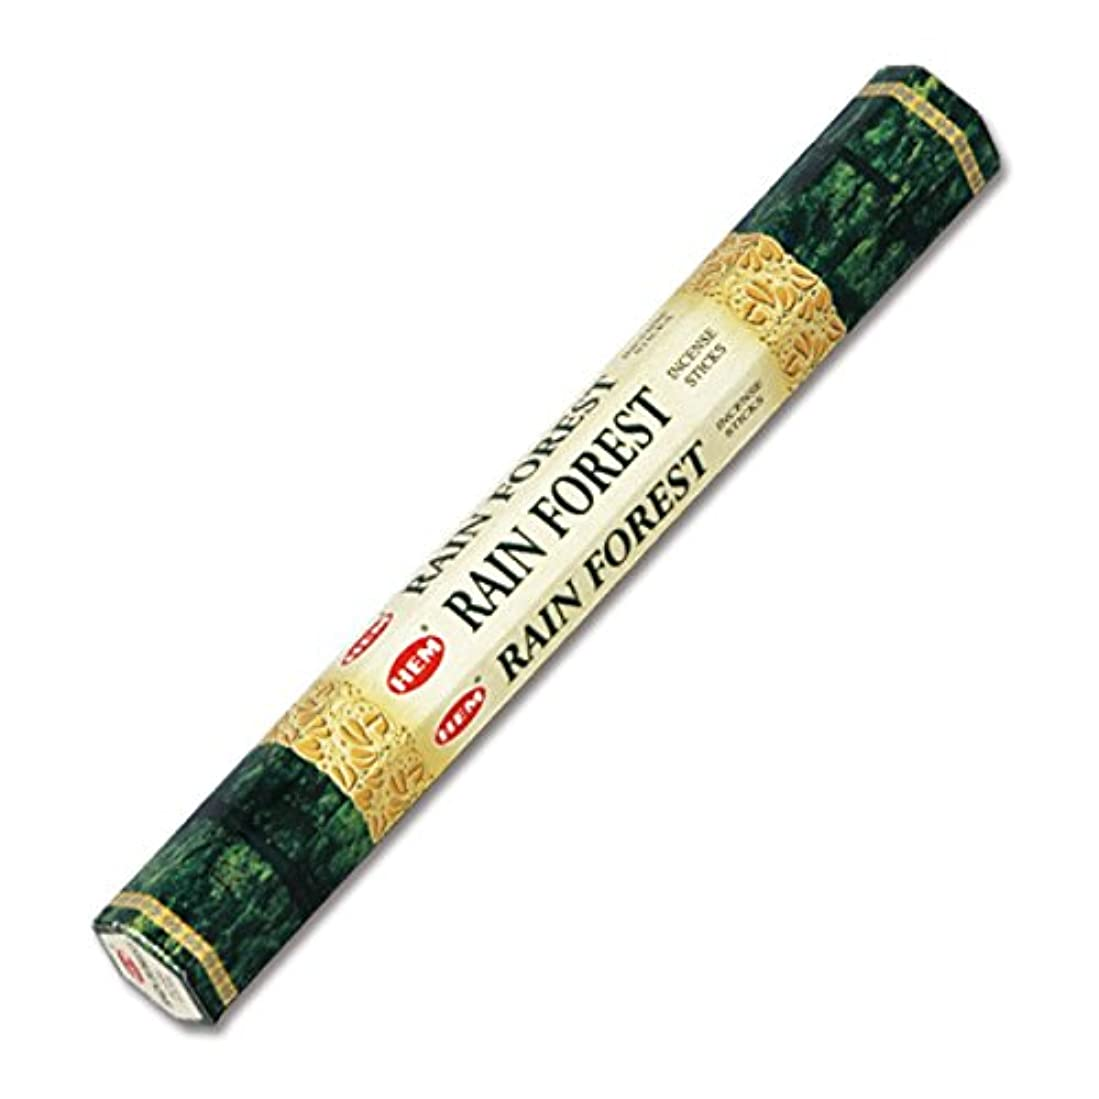 動く現代のアドバンテージHEM(ヘム) レインフォレスト RAIN FOREST スティックタイプ お香 1筒 単品 [並行輸入品]